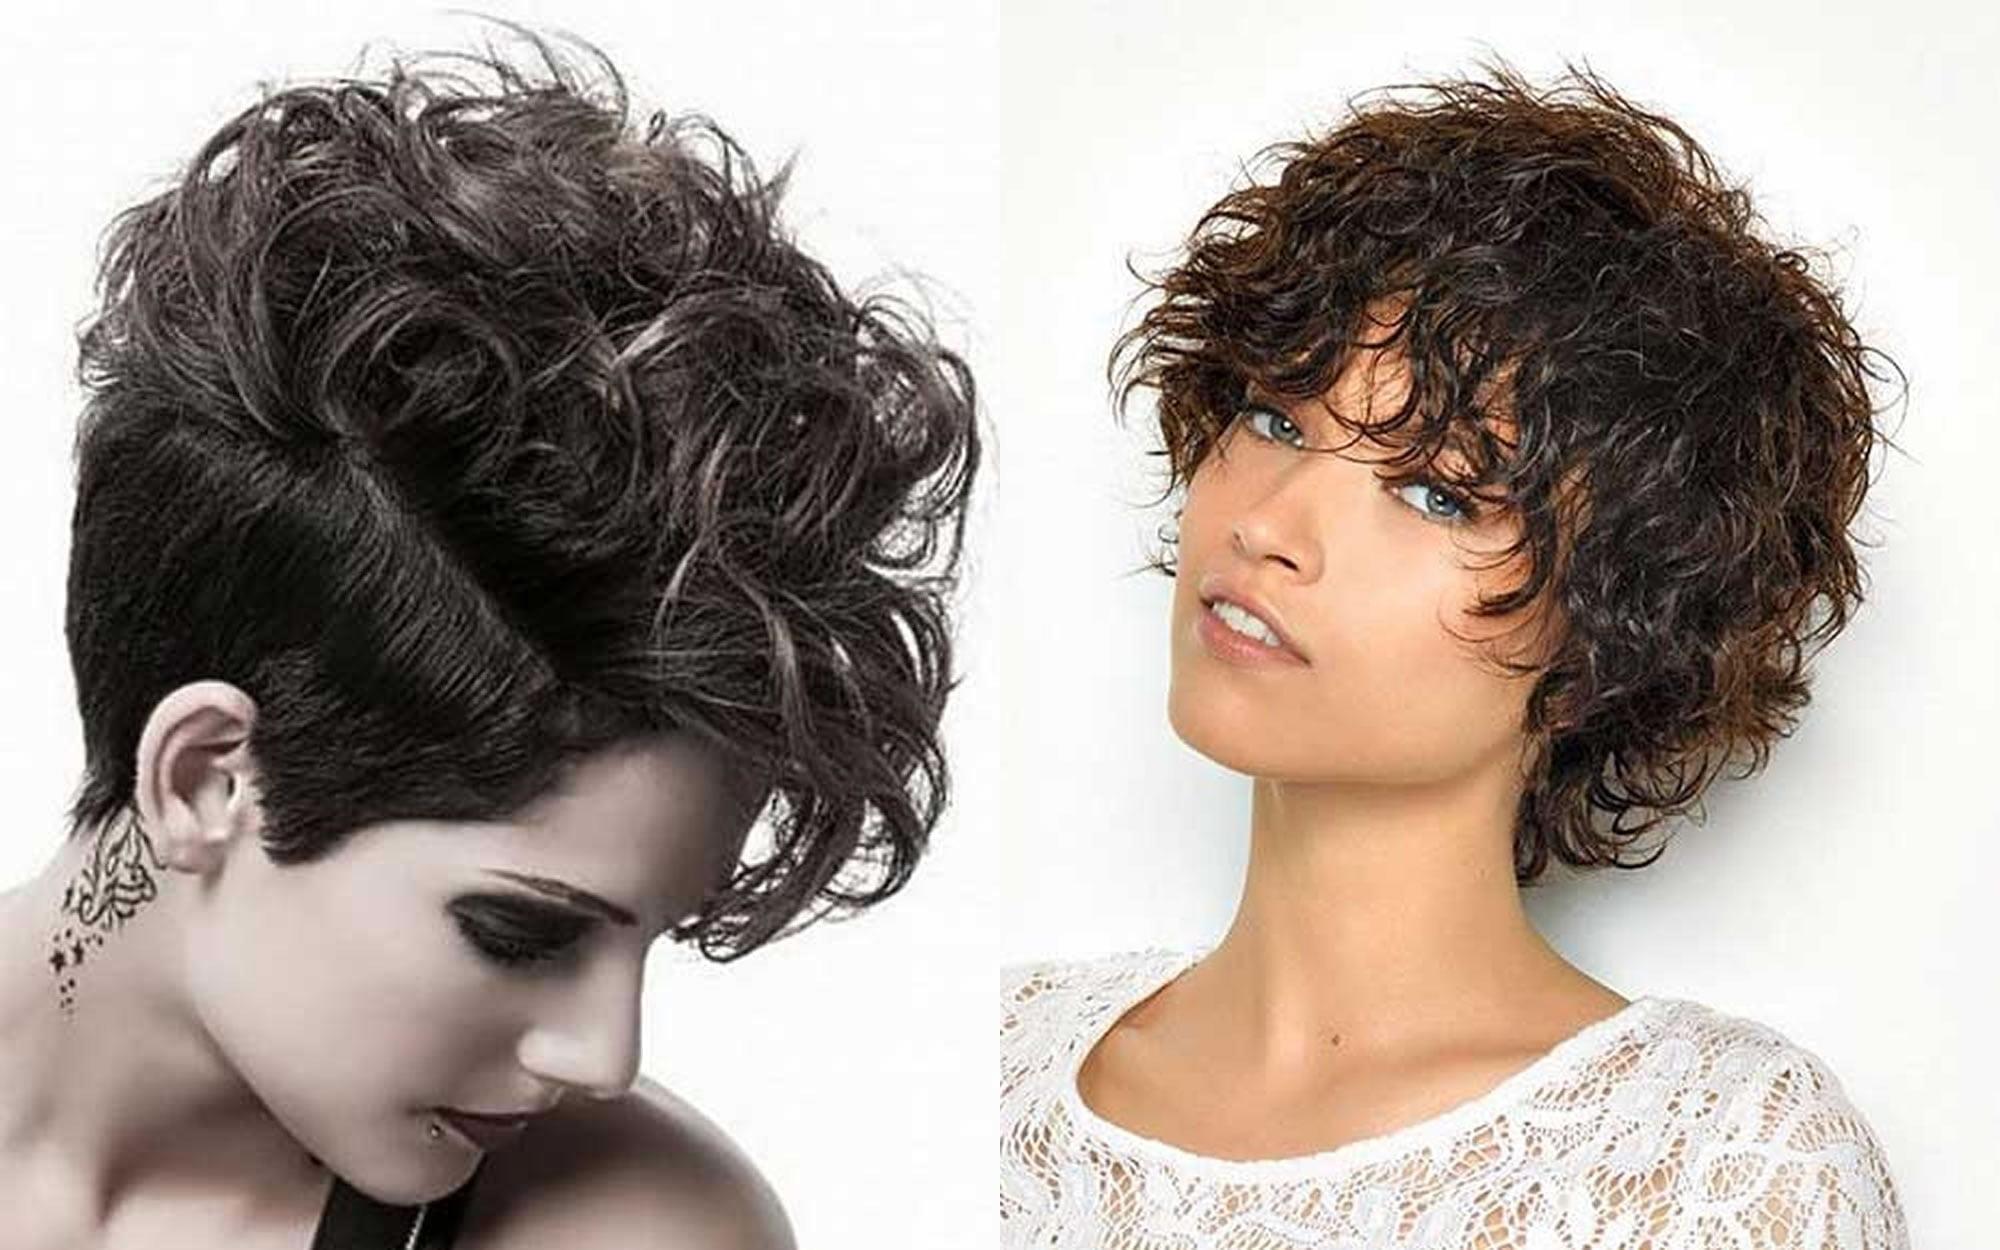 Short Hairstyles 2019 Curly: Curly Short Hairstyles For Women